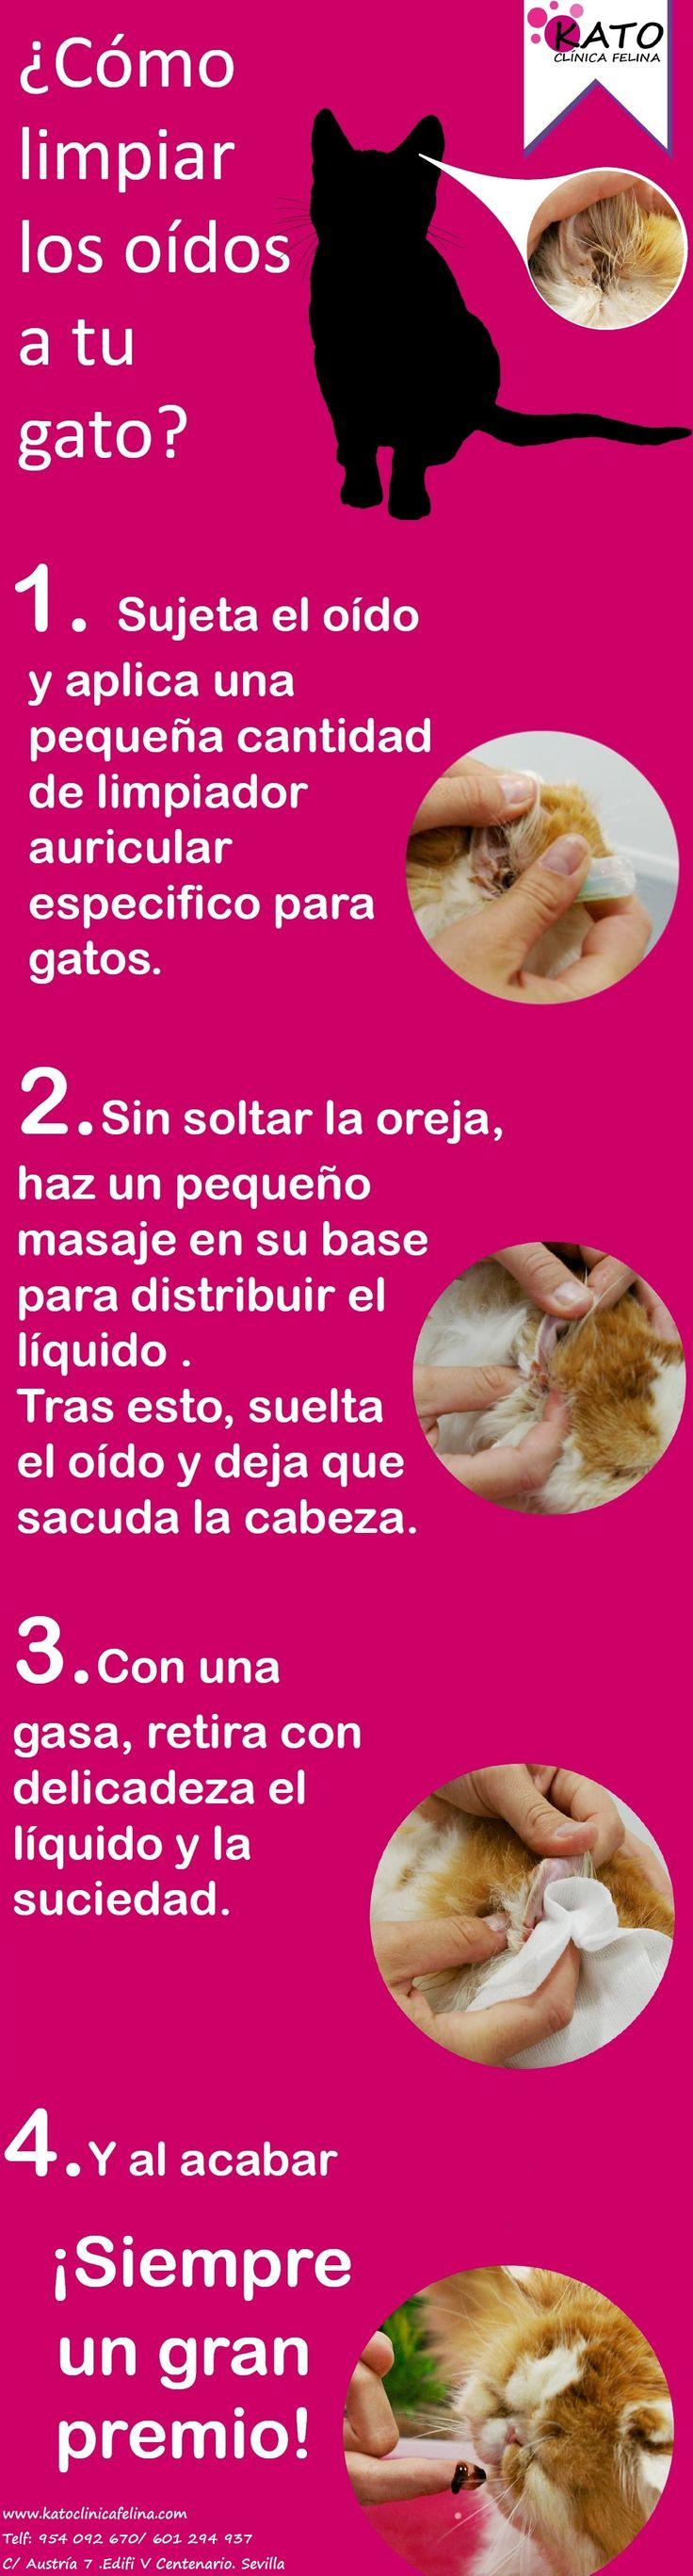 Guía rápida de cómo limpiar los oídos a nuestros gatos   -   Quick guide how to clean our cat's ears.